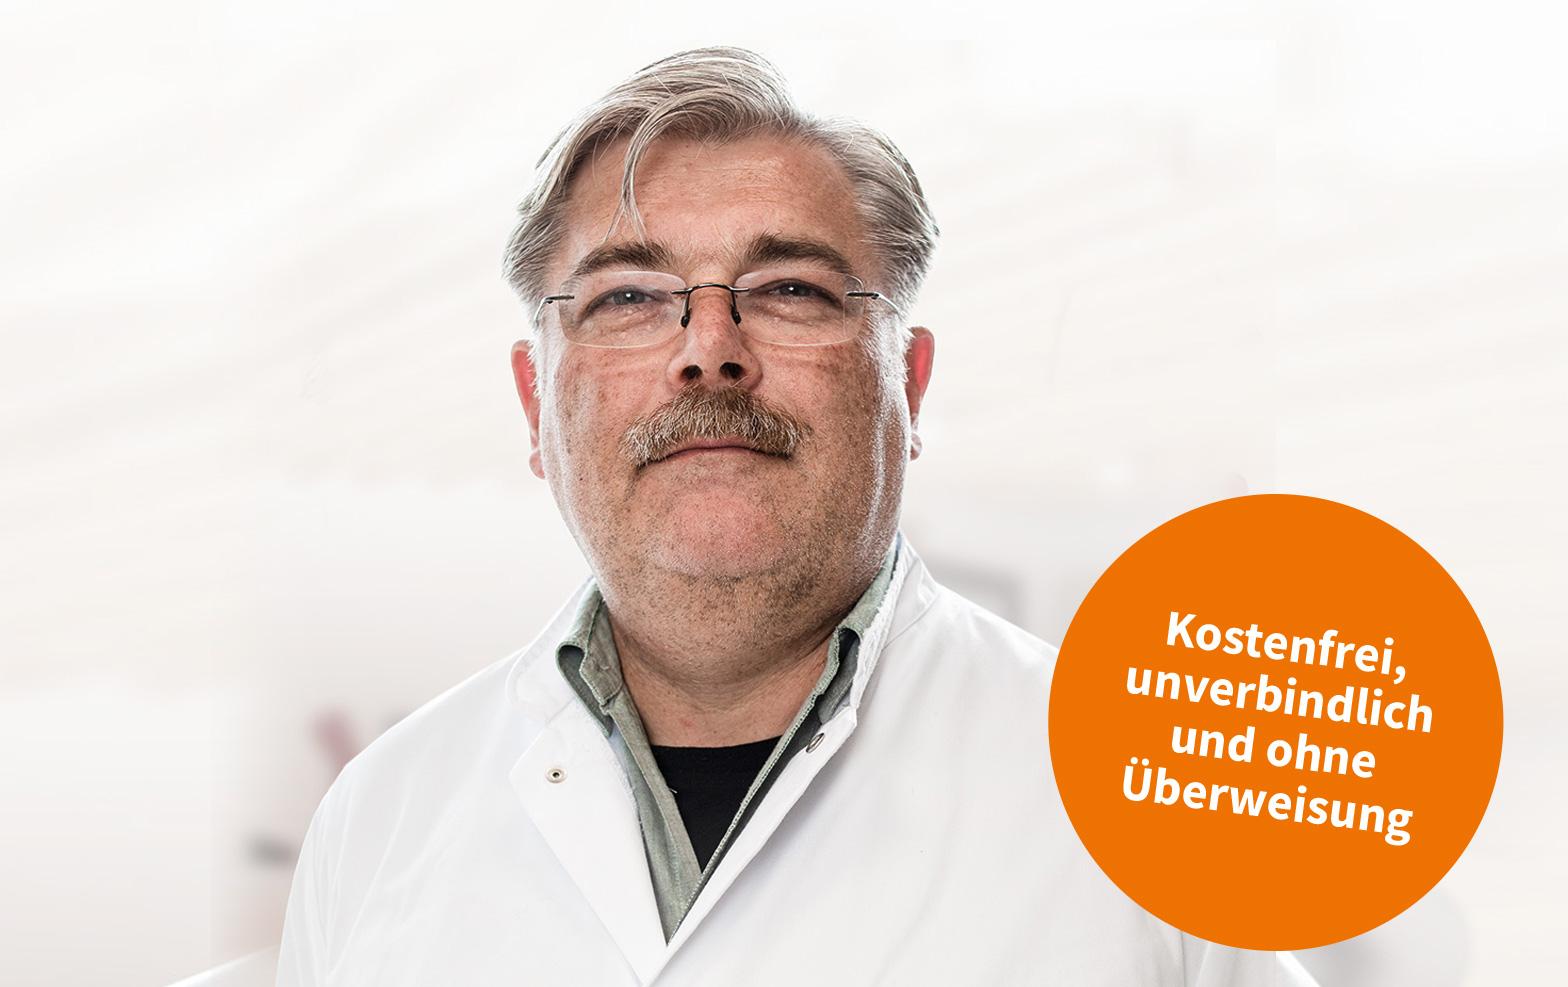 Die Petters Experten-Sprechstunde mit Dr. med. Jens Wutzler